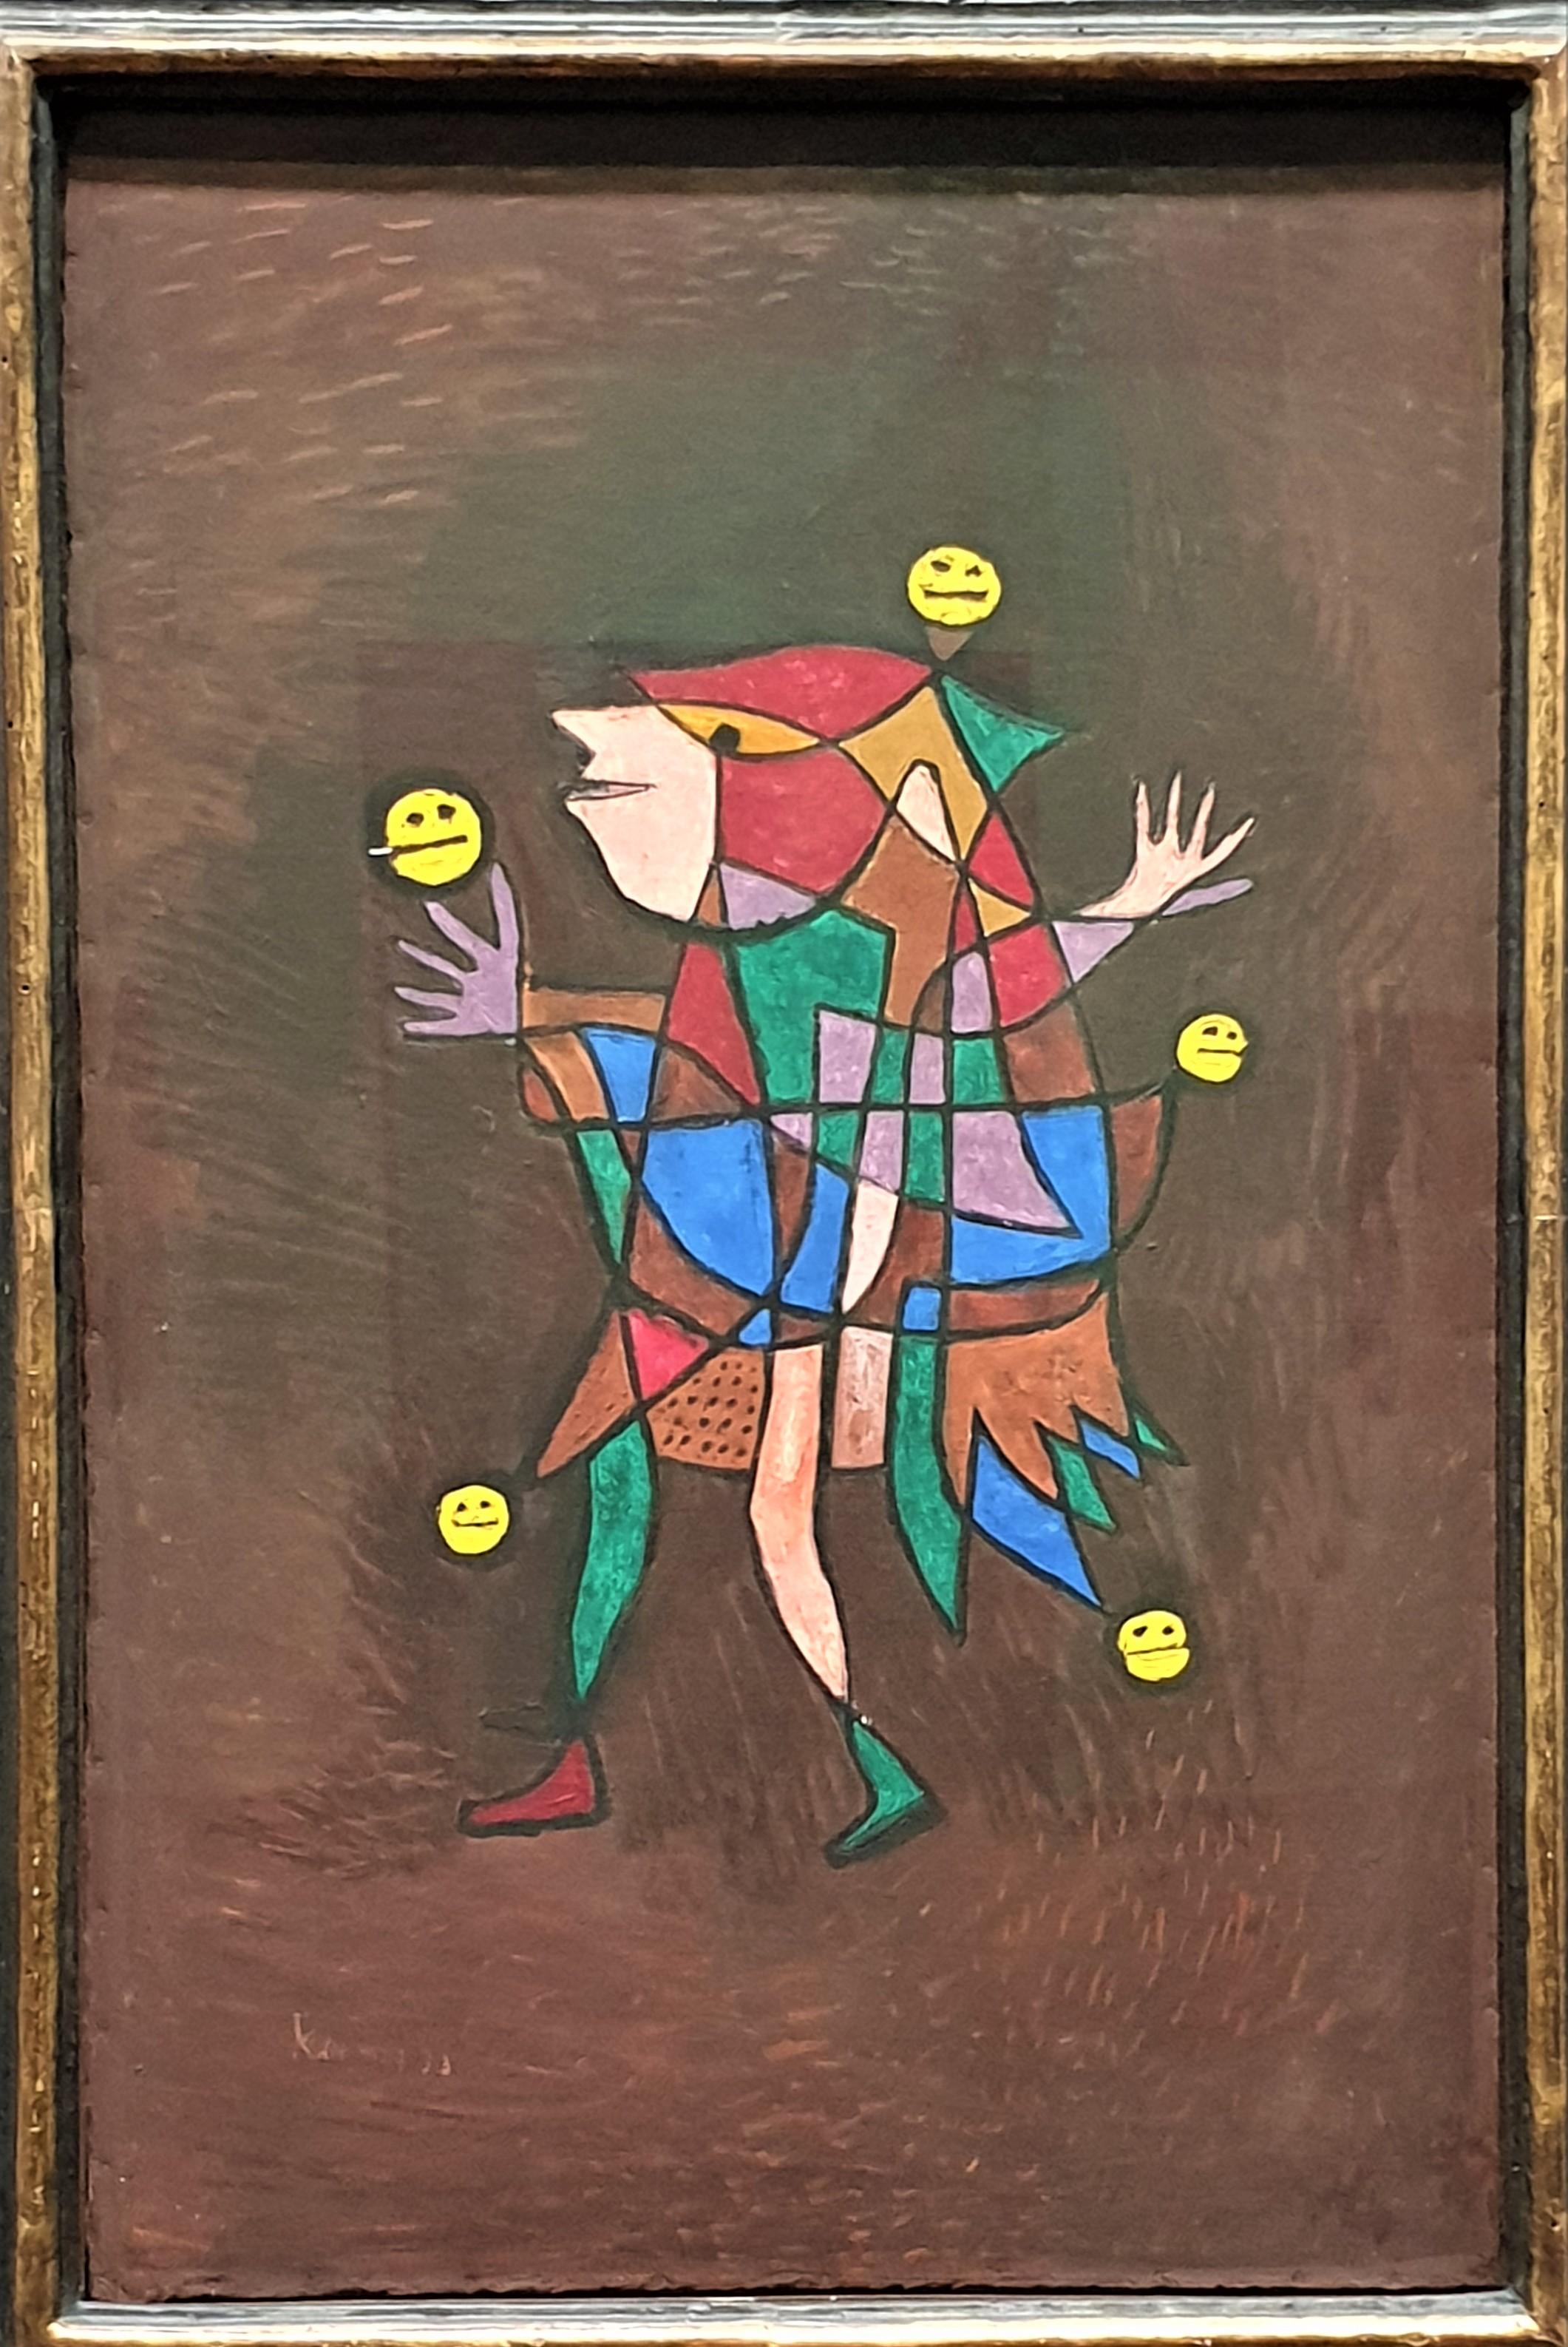 Three gentle words of a fool, Paul Klee, 1925